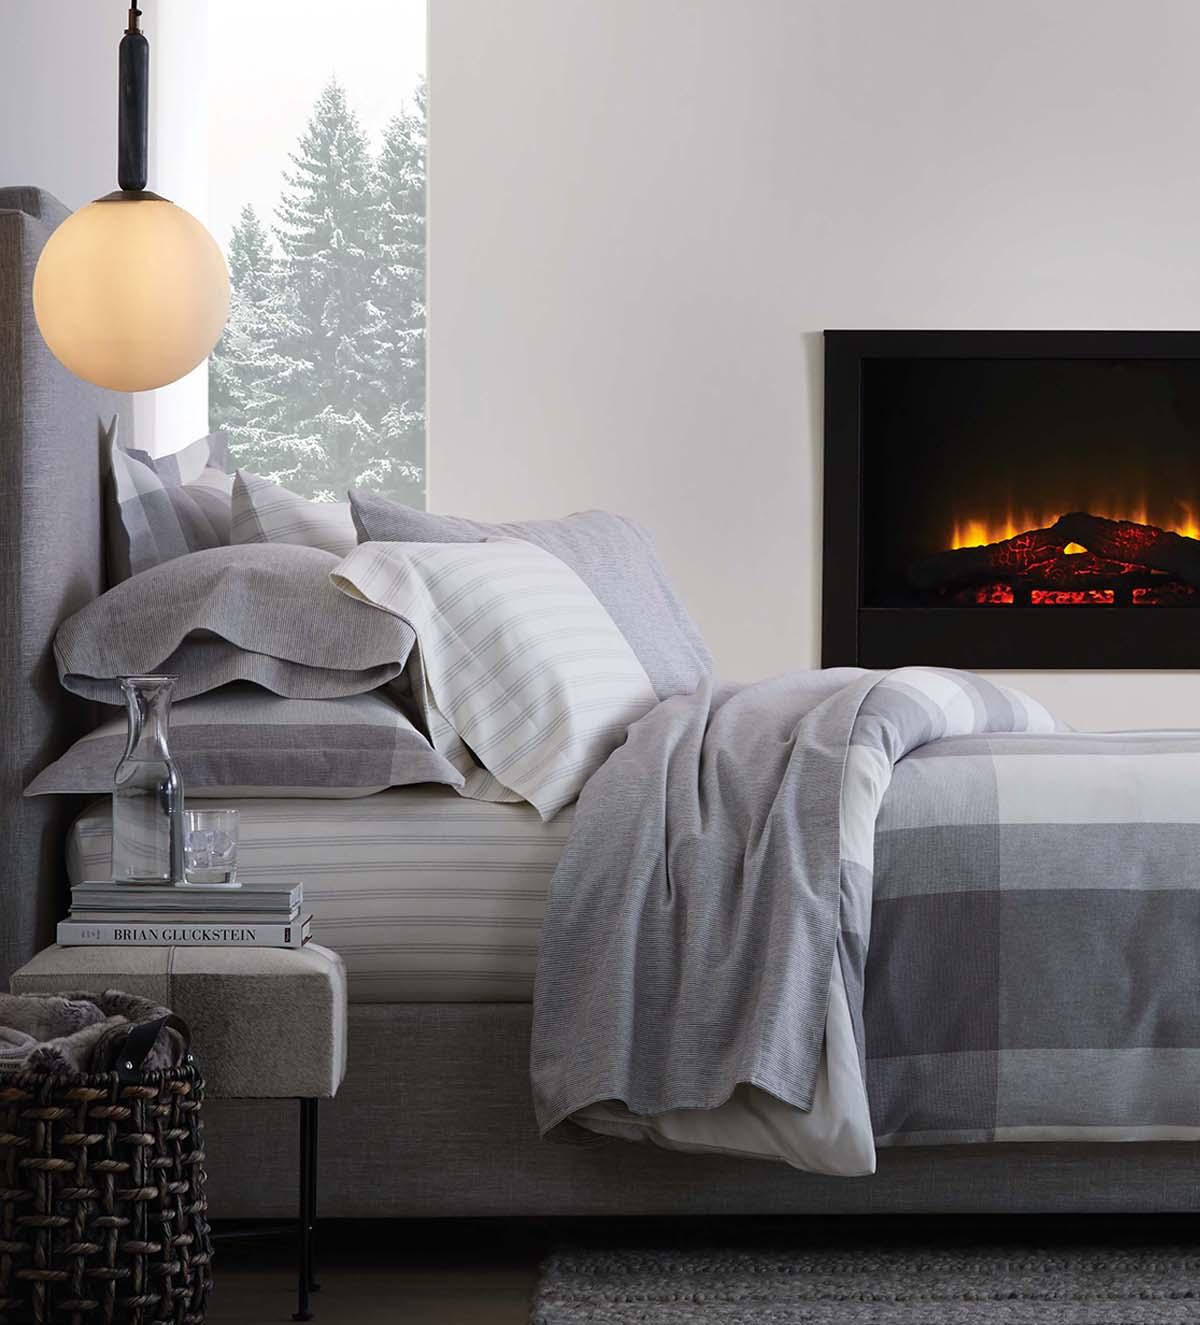 GlucksteinHome flannel bedding